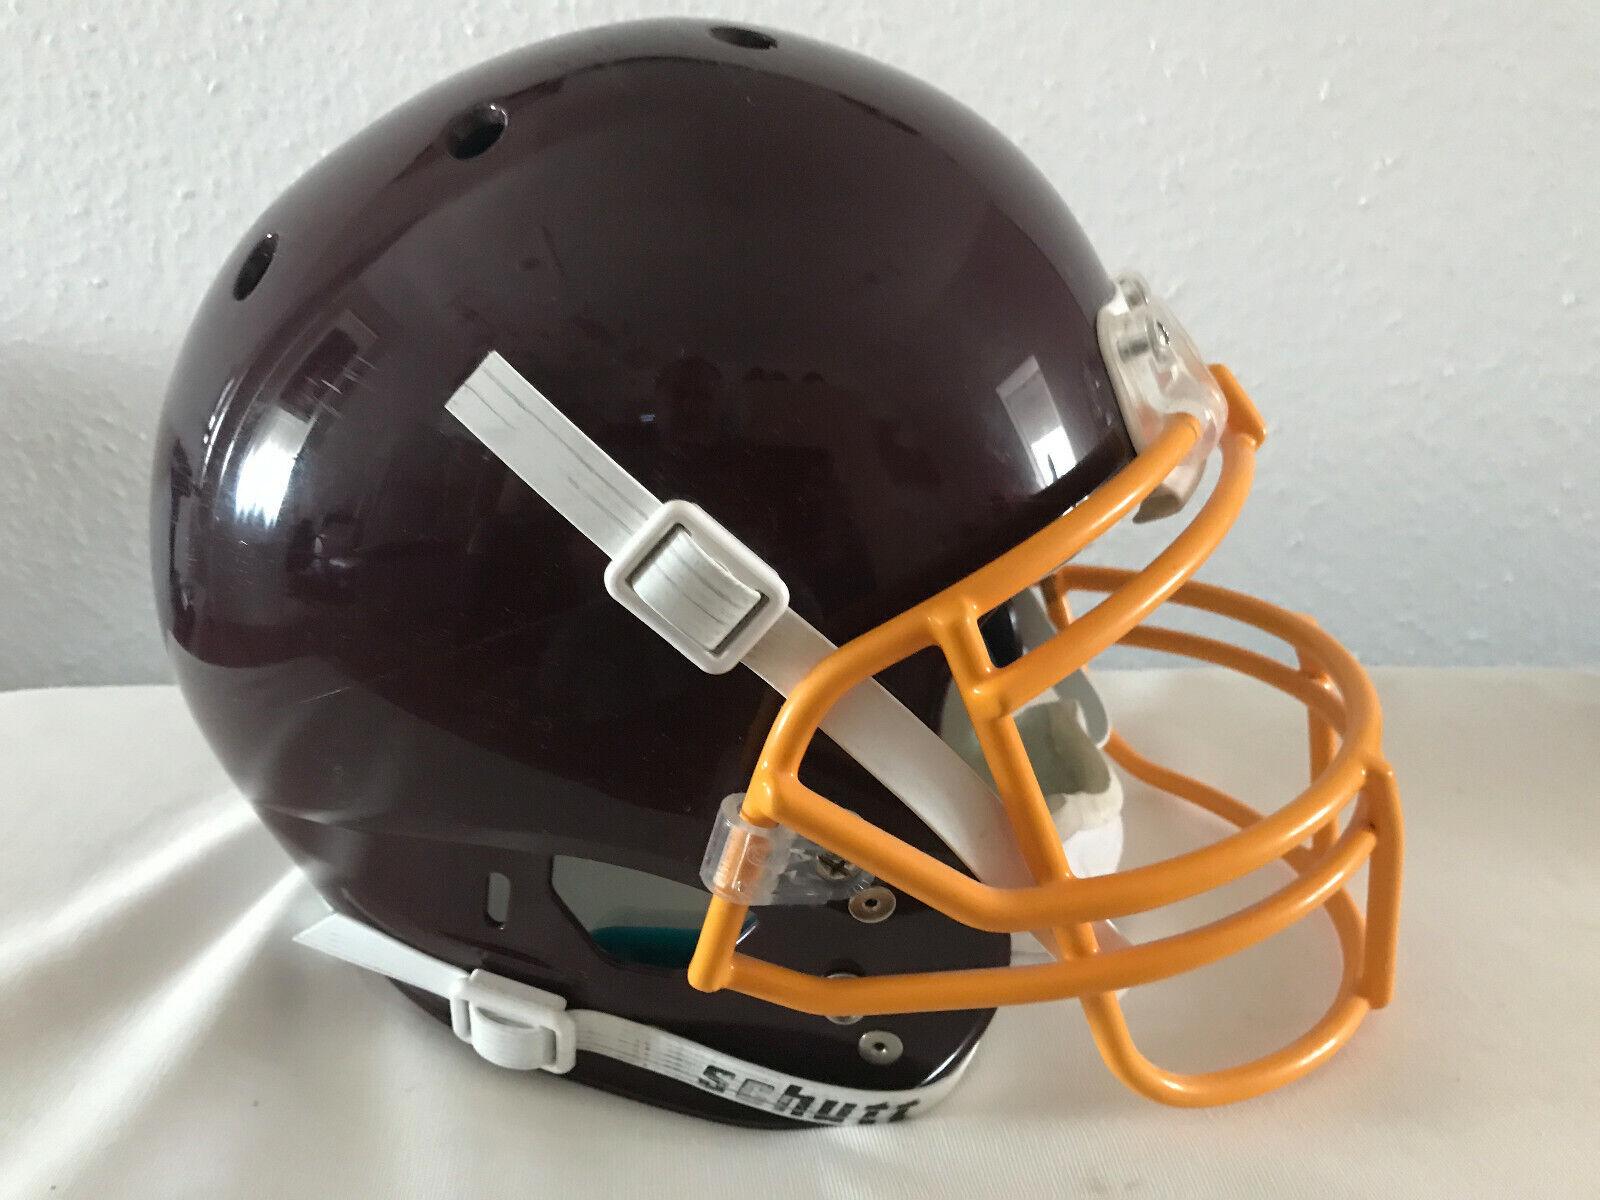 Schutt Air XP American Football Helm, Medium mit gelber Facemask und Kinnschutz